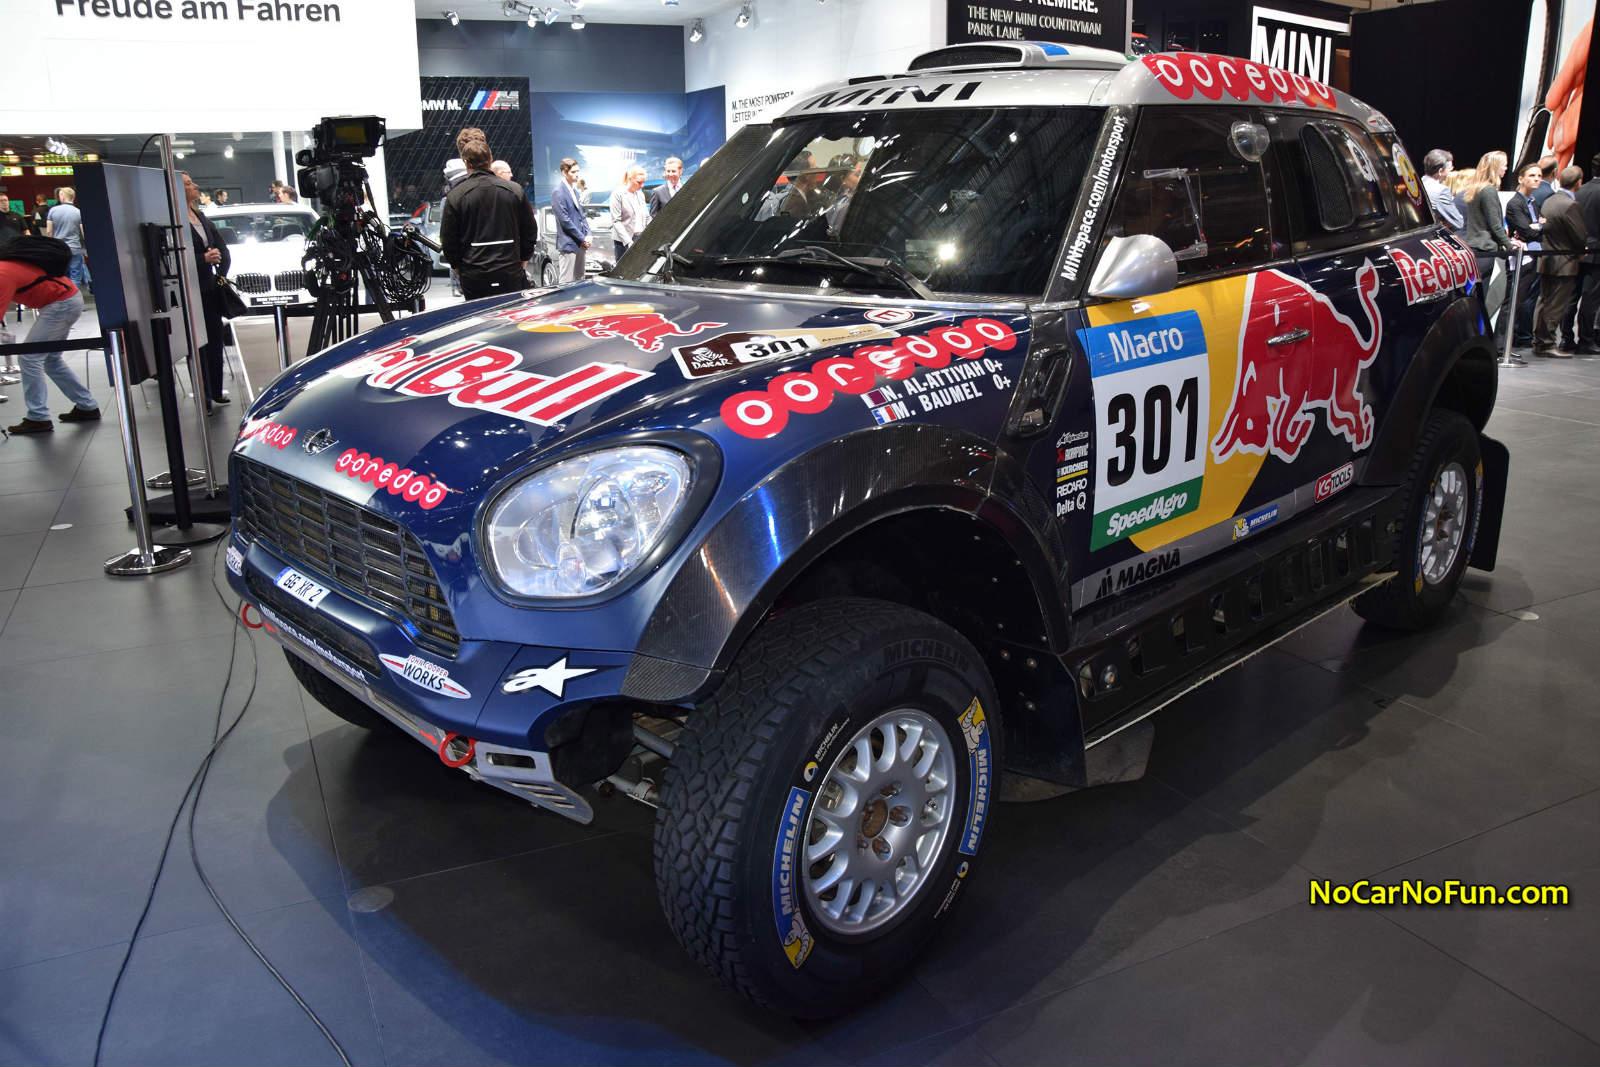 2015-MINI-Rally-Car-Dakar-Rally-02-2015-Geneva-Motor-Show - front ...